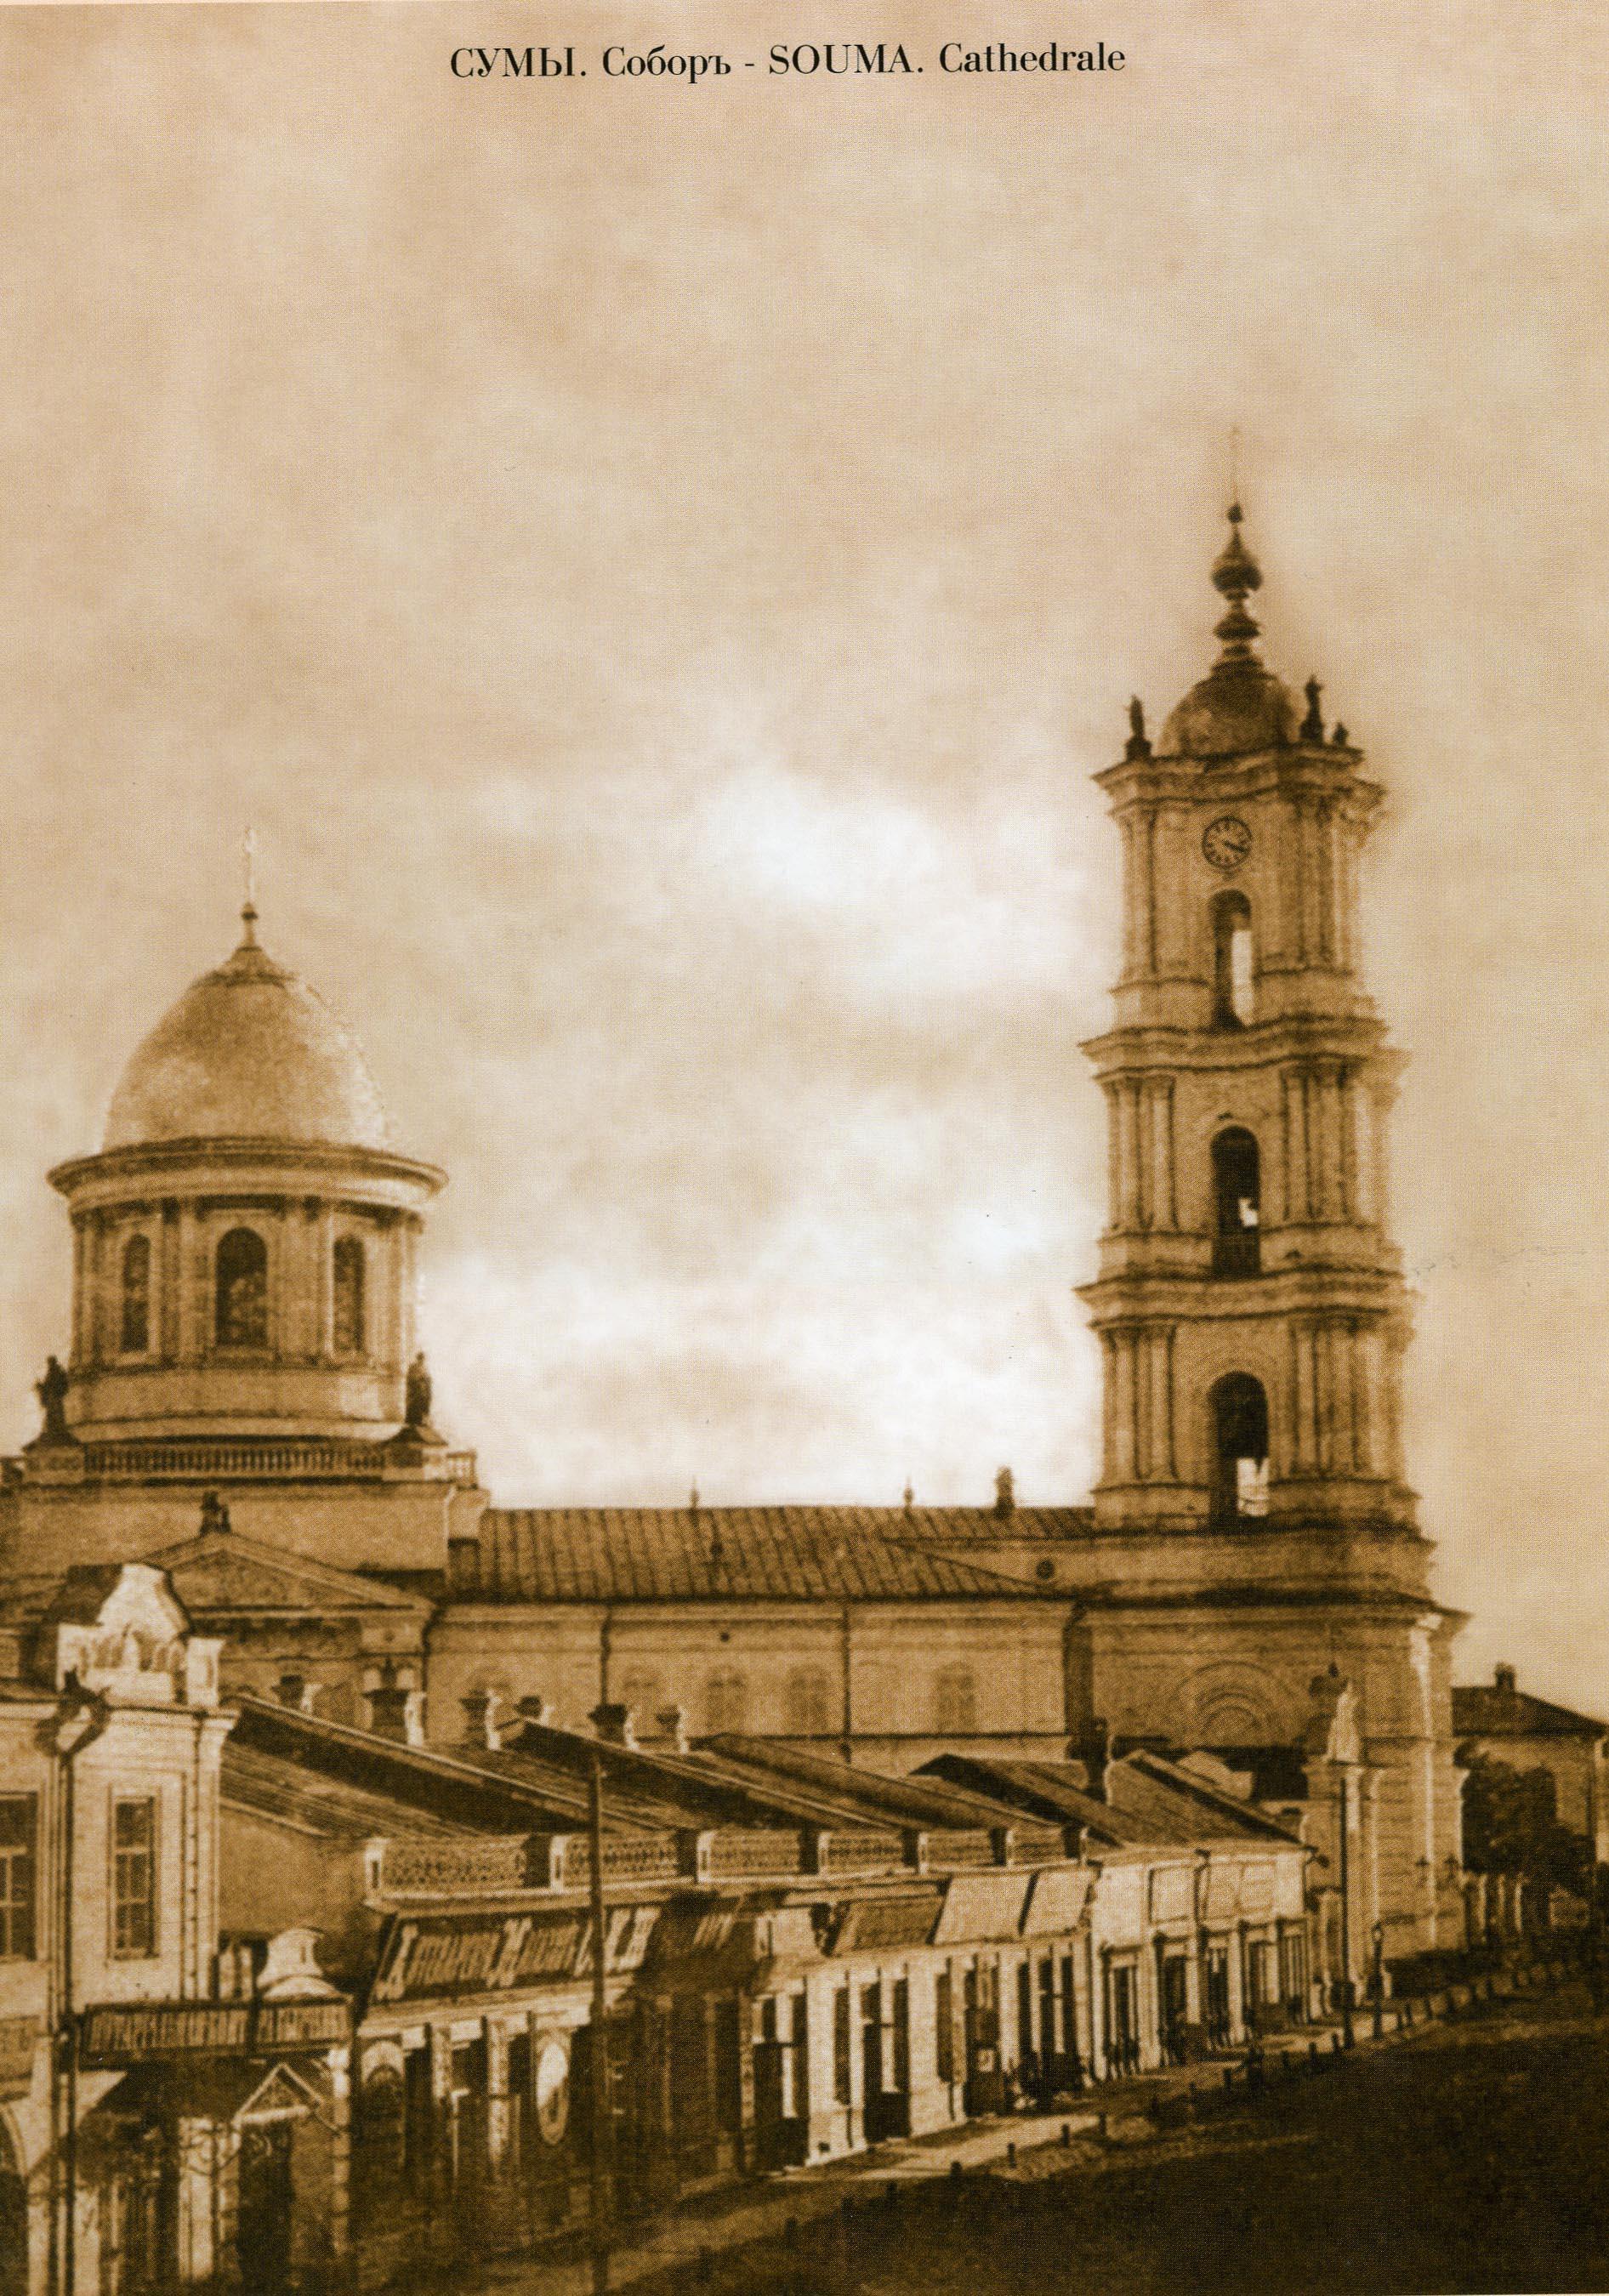 Спасо-Преображенский кафедральный собор и торговые ряды